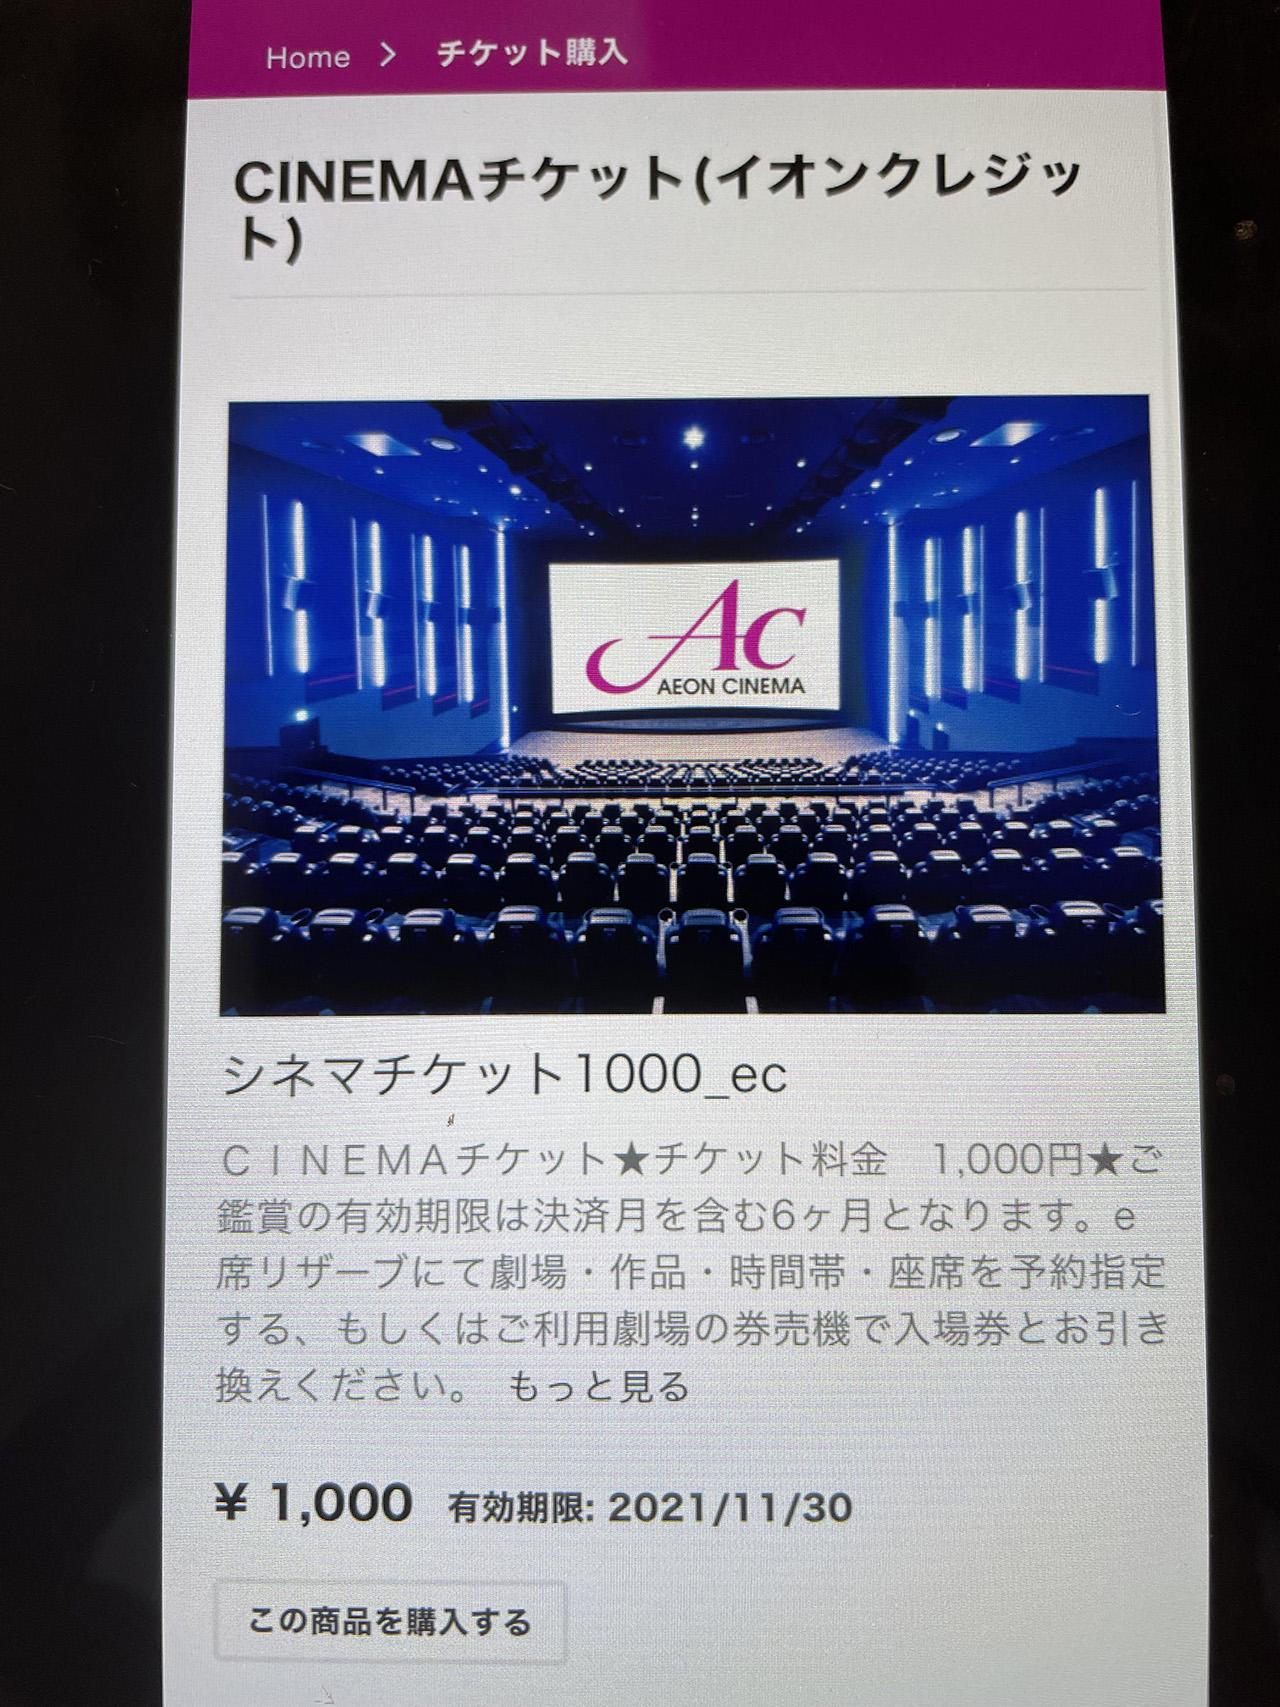 イオンシネマのサイトで映画チケットを購入する画面の写真